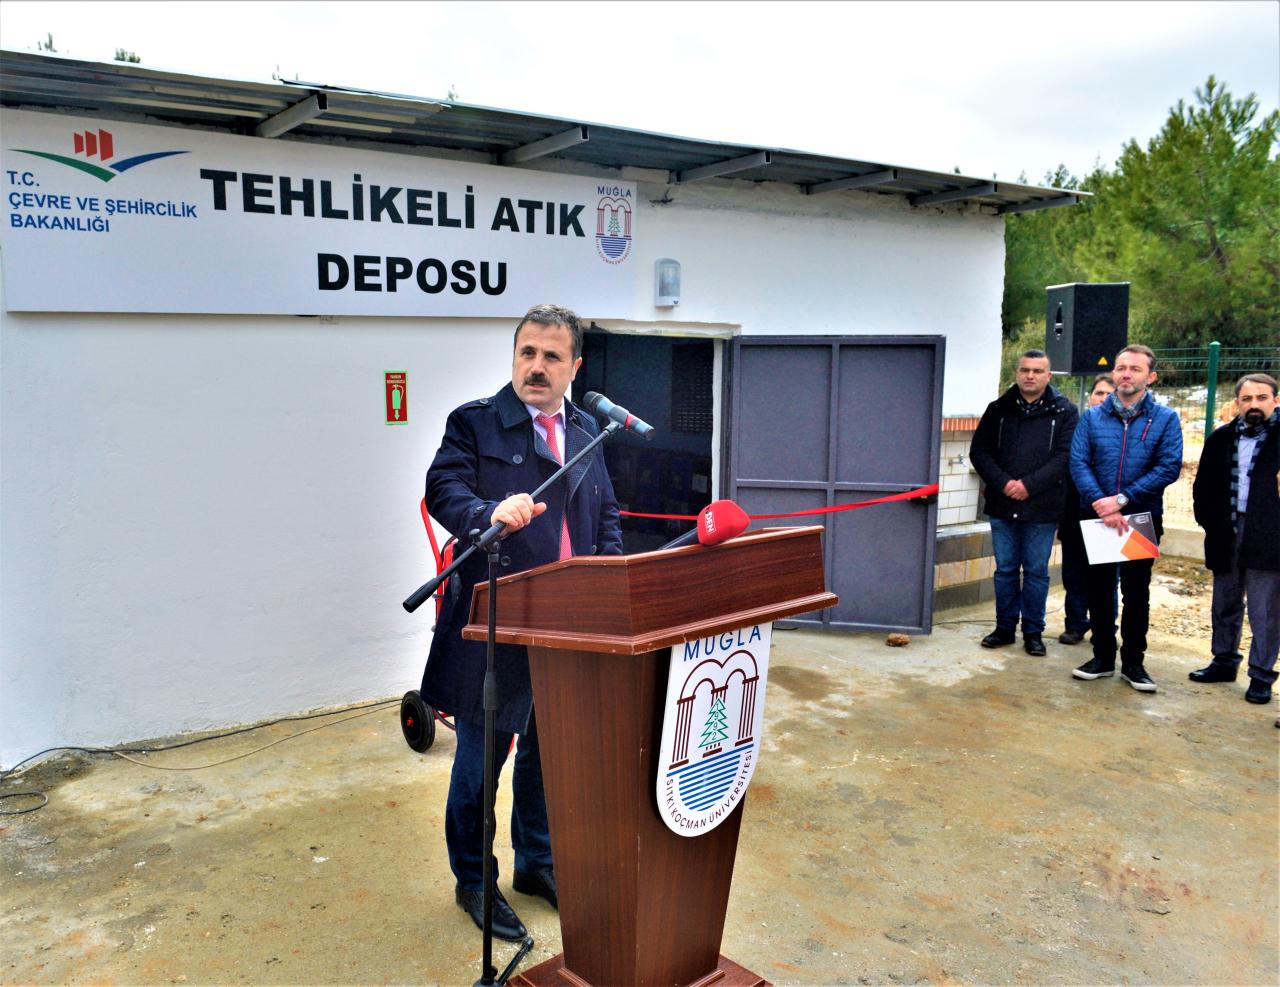 """Daha Yeşil Kampüs İçin, MSKÜ """"Tehlikeli Atık Deposu"""" Faaliyete Geçirildi"""